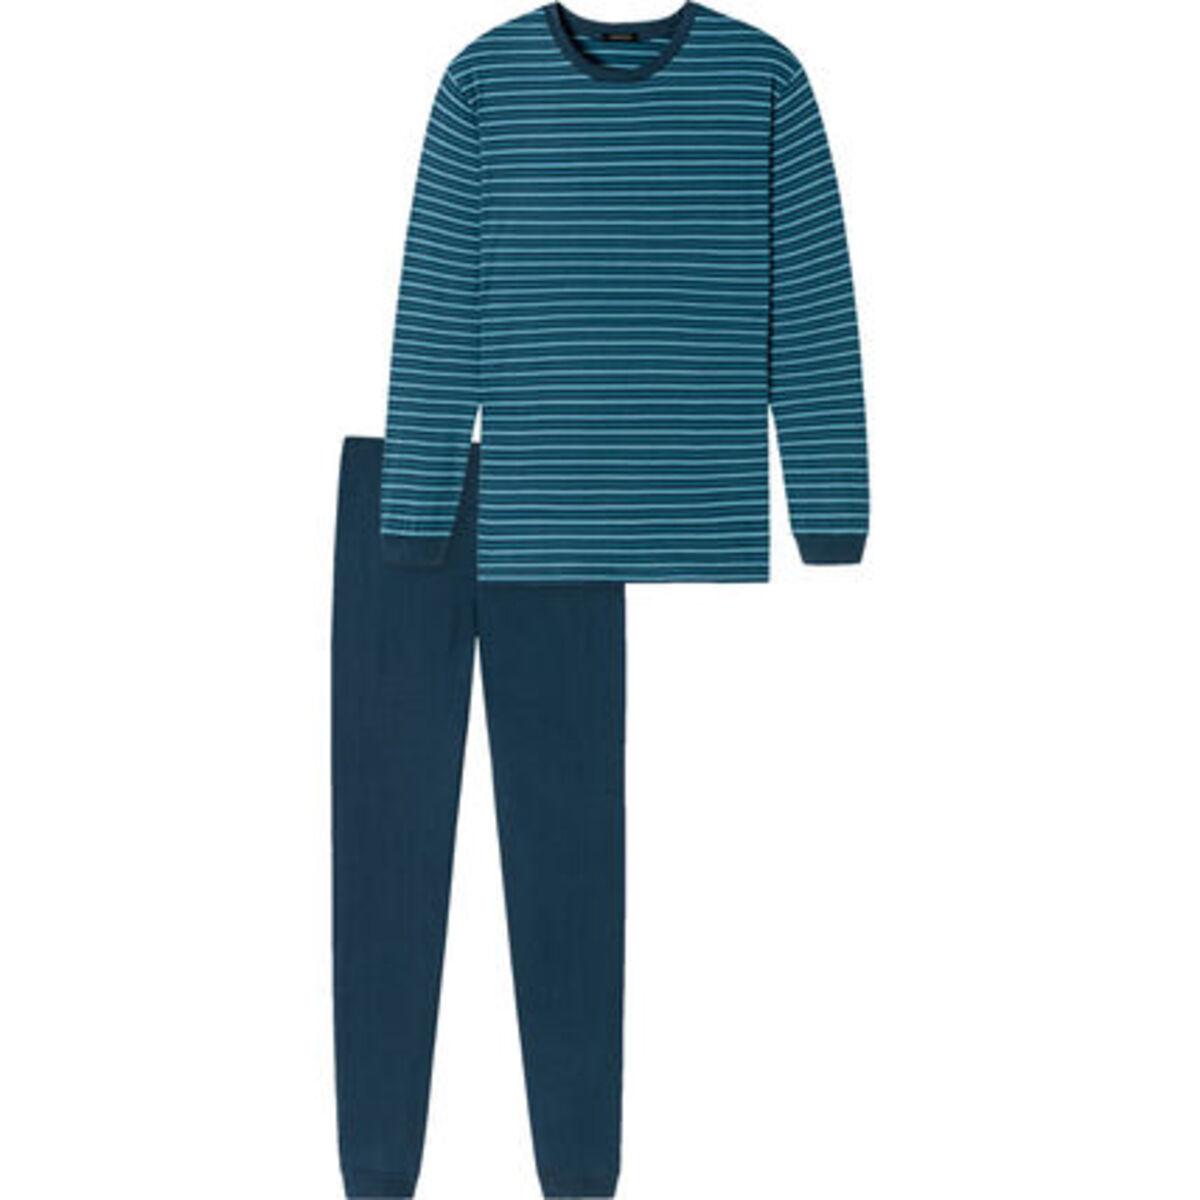 Bild 3 von Schiesser Schlafanzug, Ringelshirt, Baumwolle, für Herren